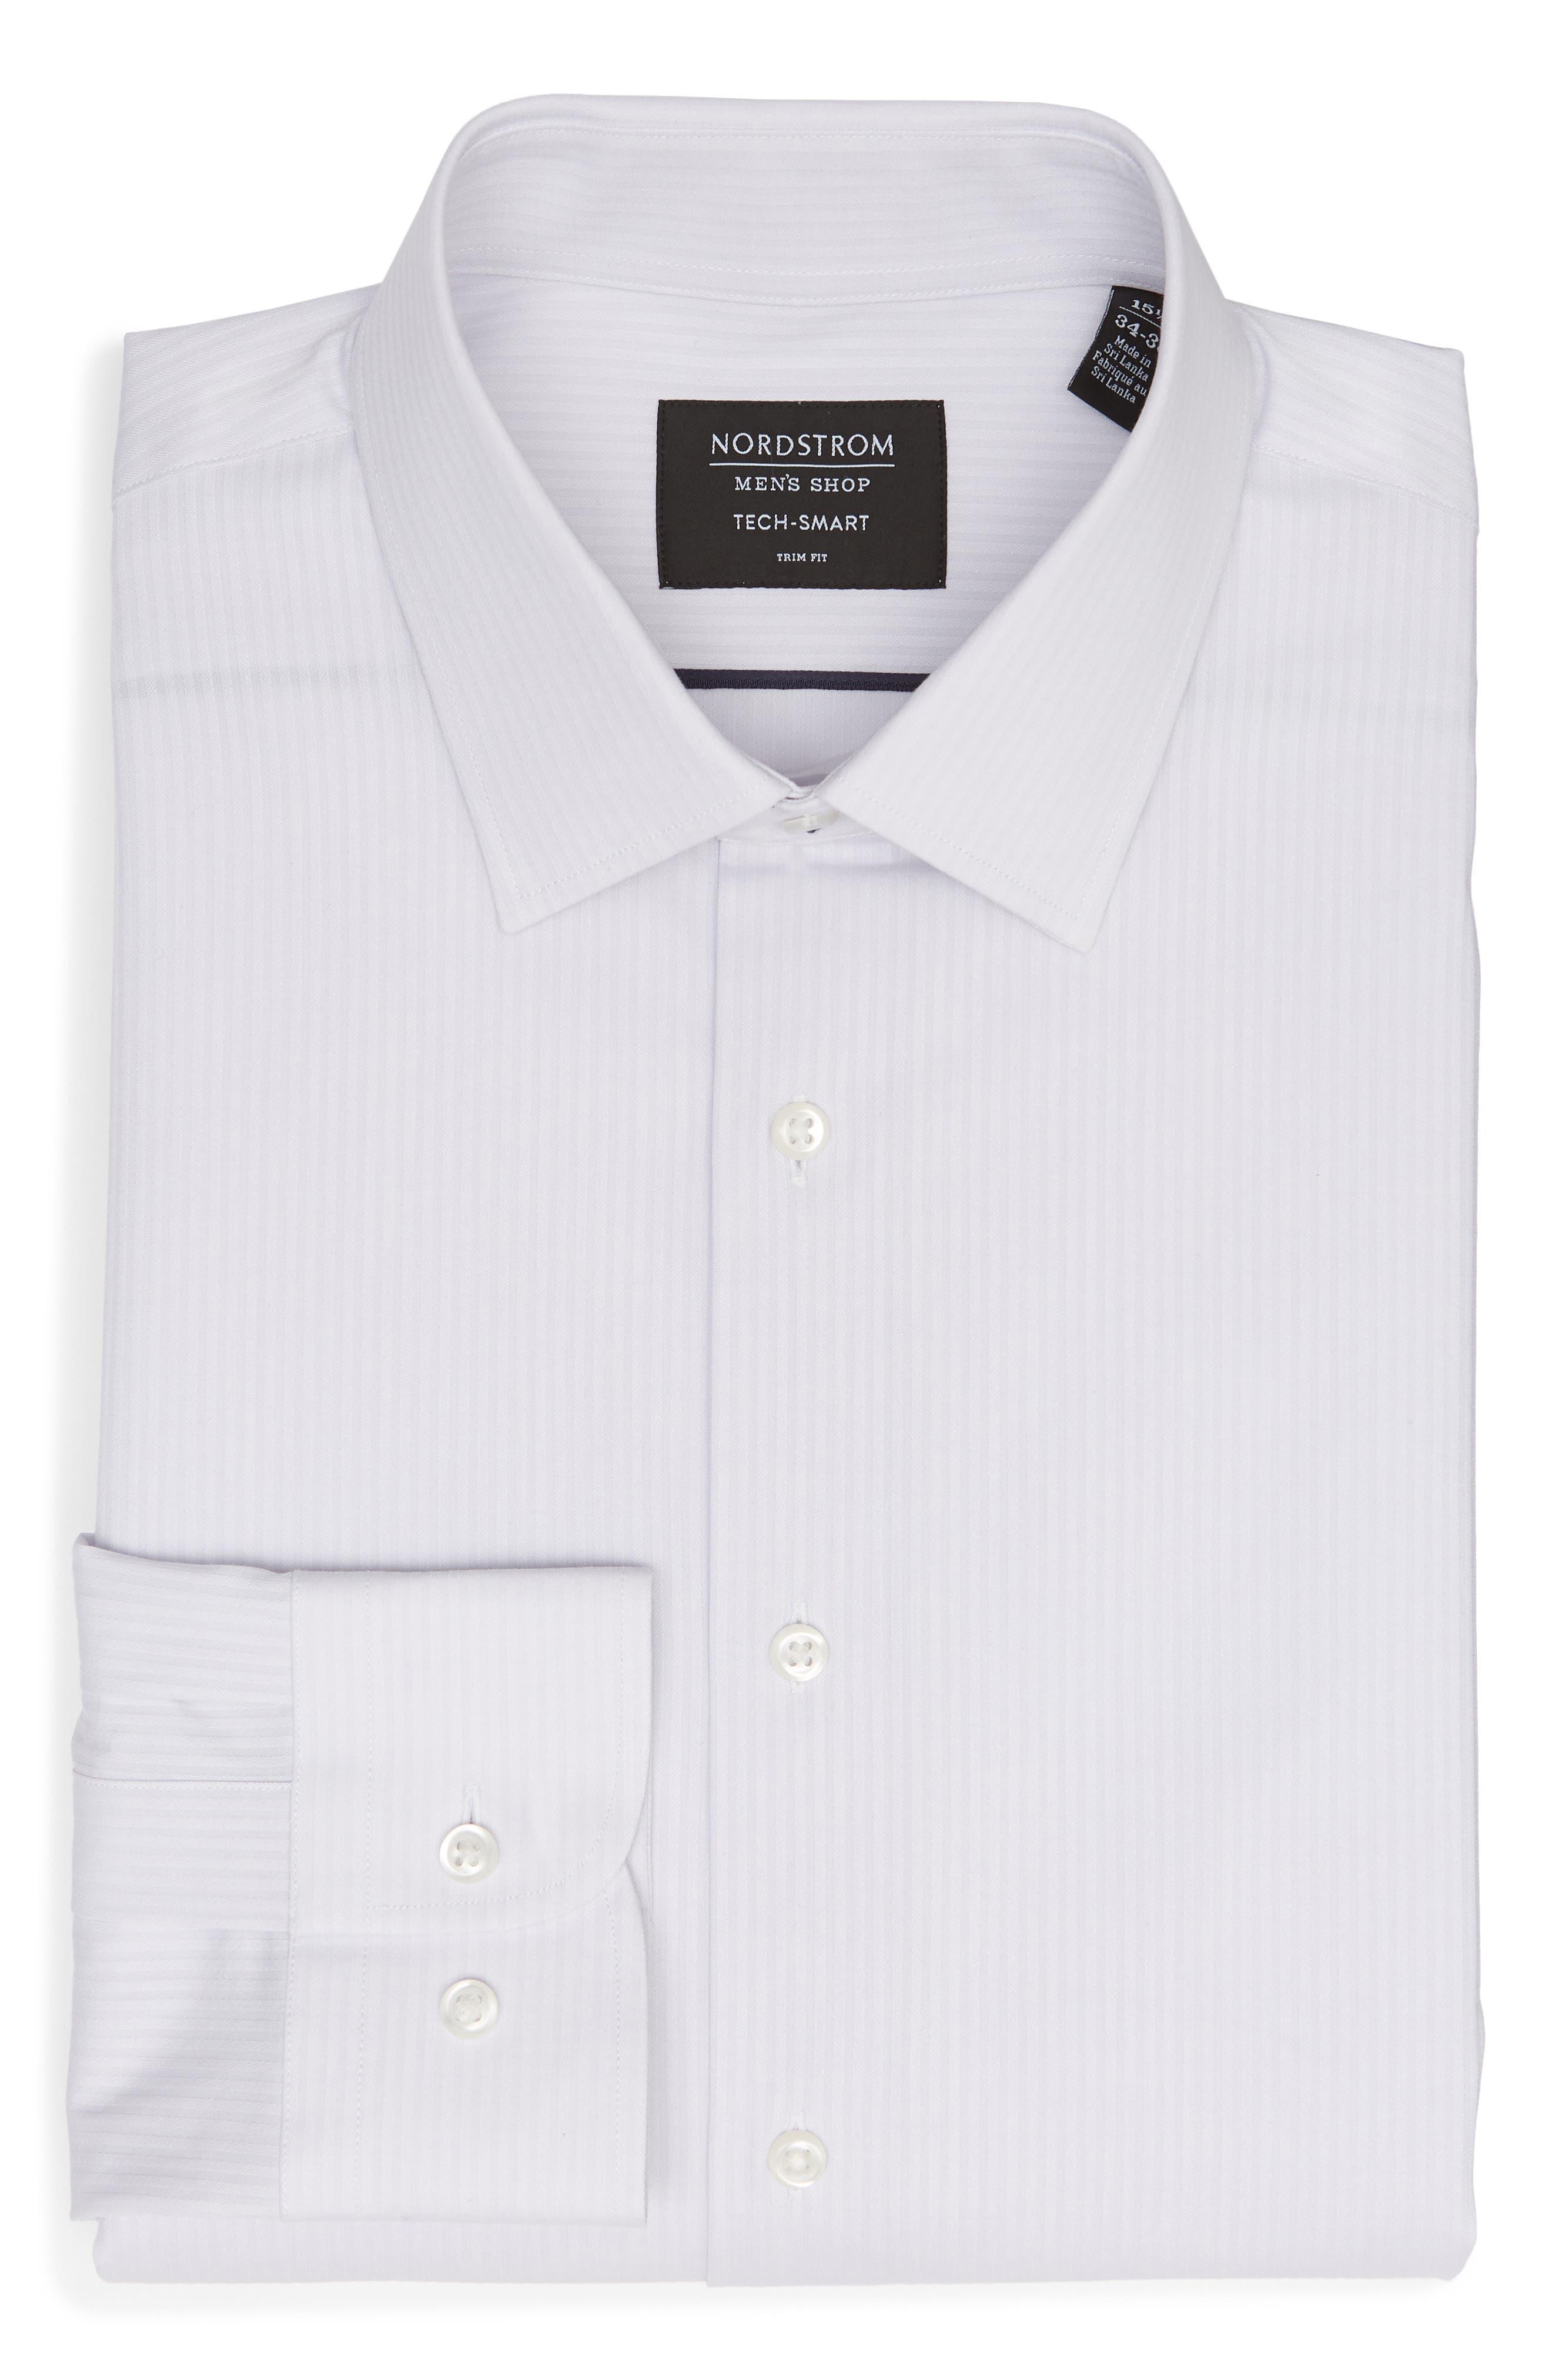 NORDSTROM MEN'S SHOP, Tech-Smart Trim Fit Stretch Stripe Dress Shirt, Alternate thumbnail 5, color, 050